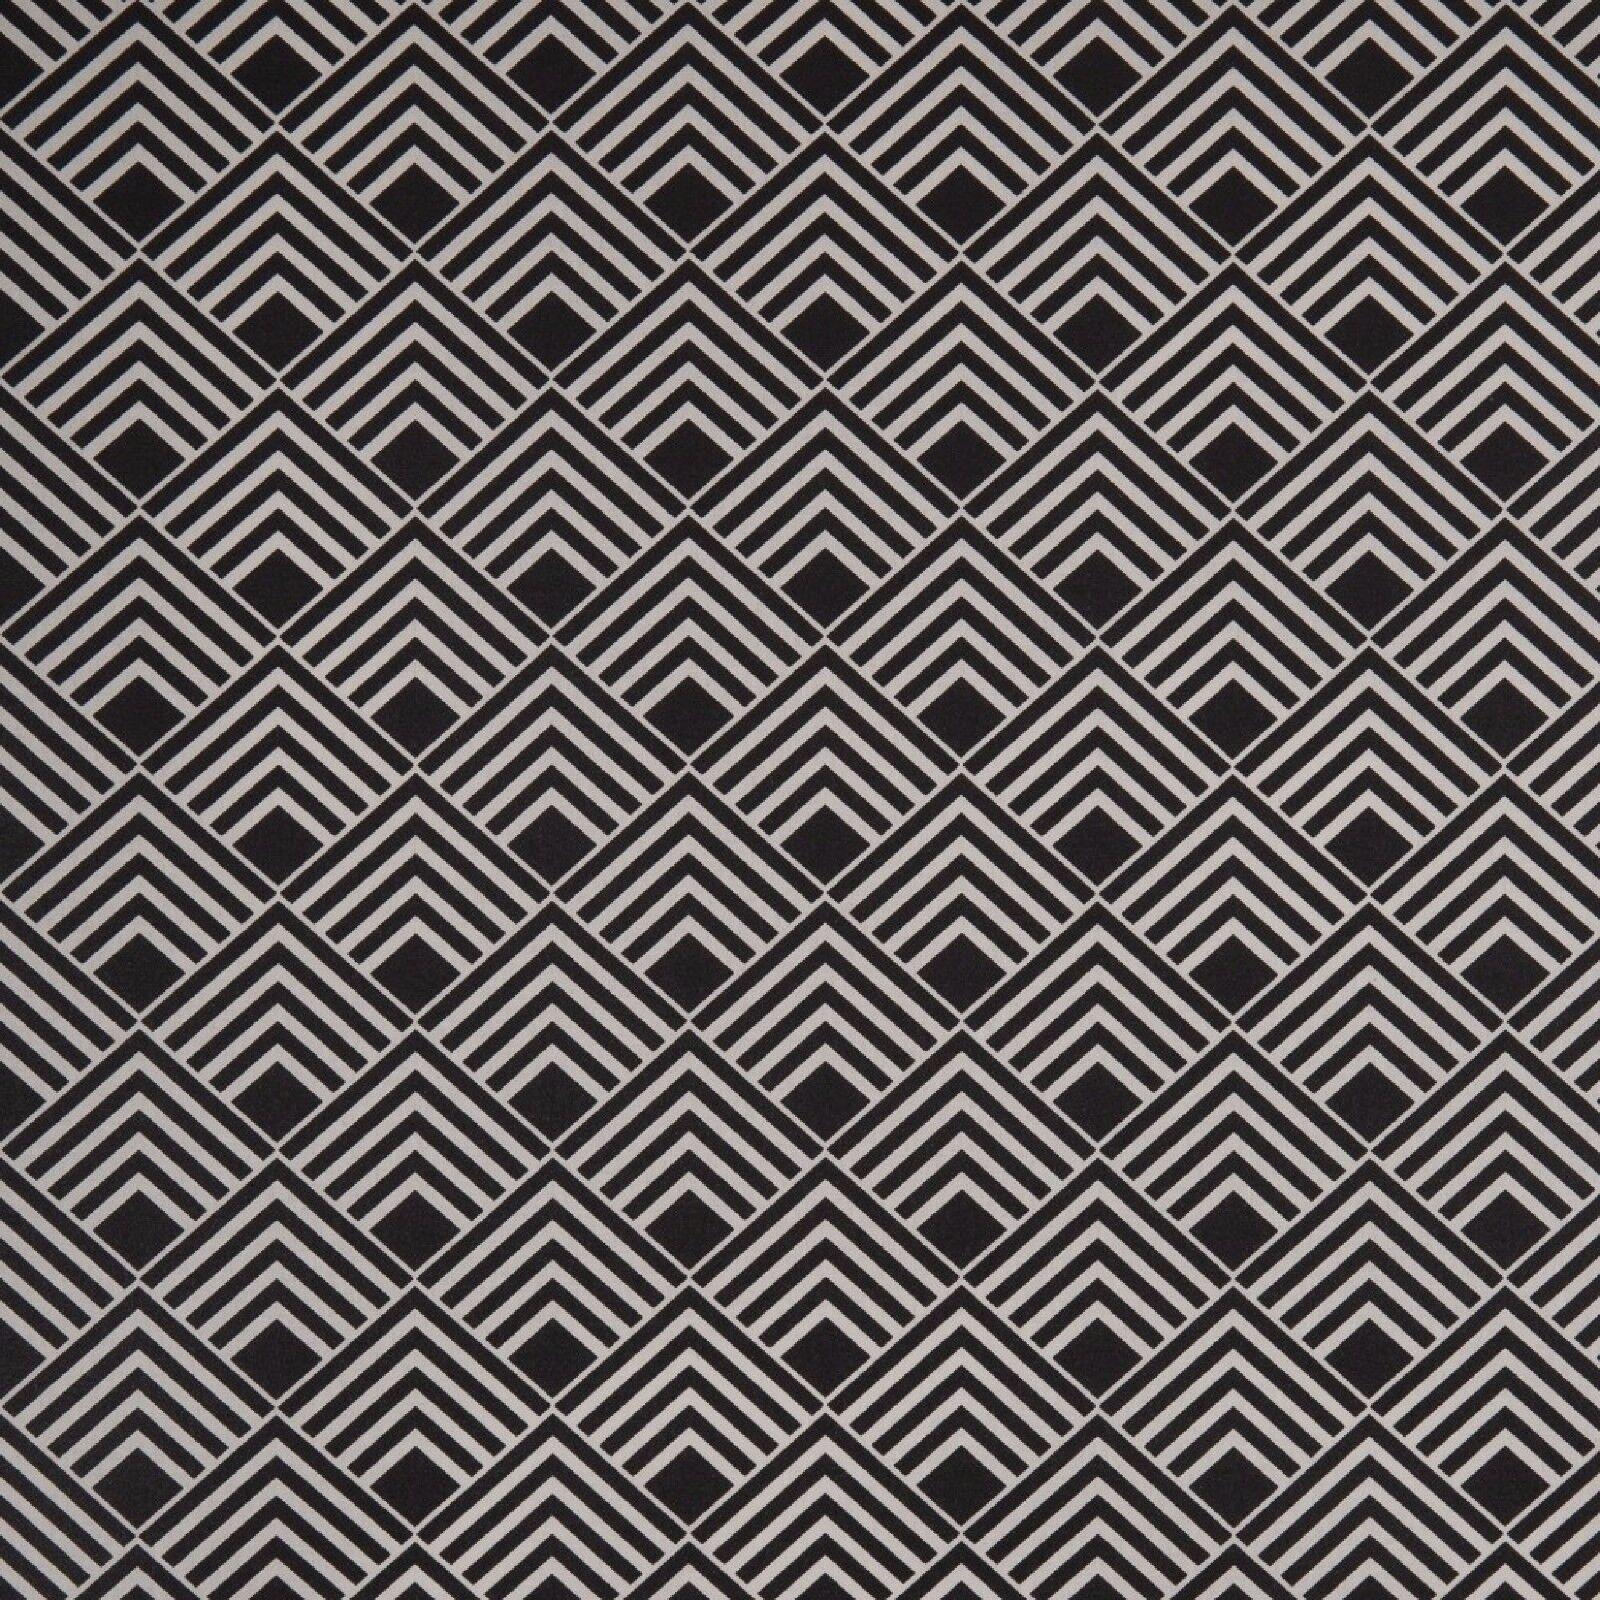 Stoff Baumwolle Swafing Leona beschichtet, Quadrate, schwarz, 150 cm